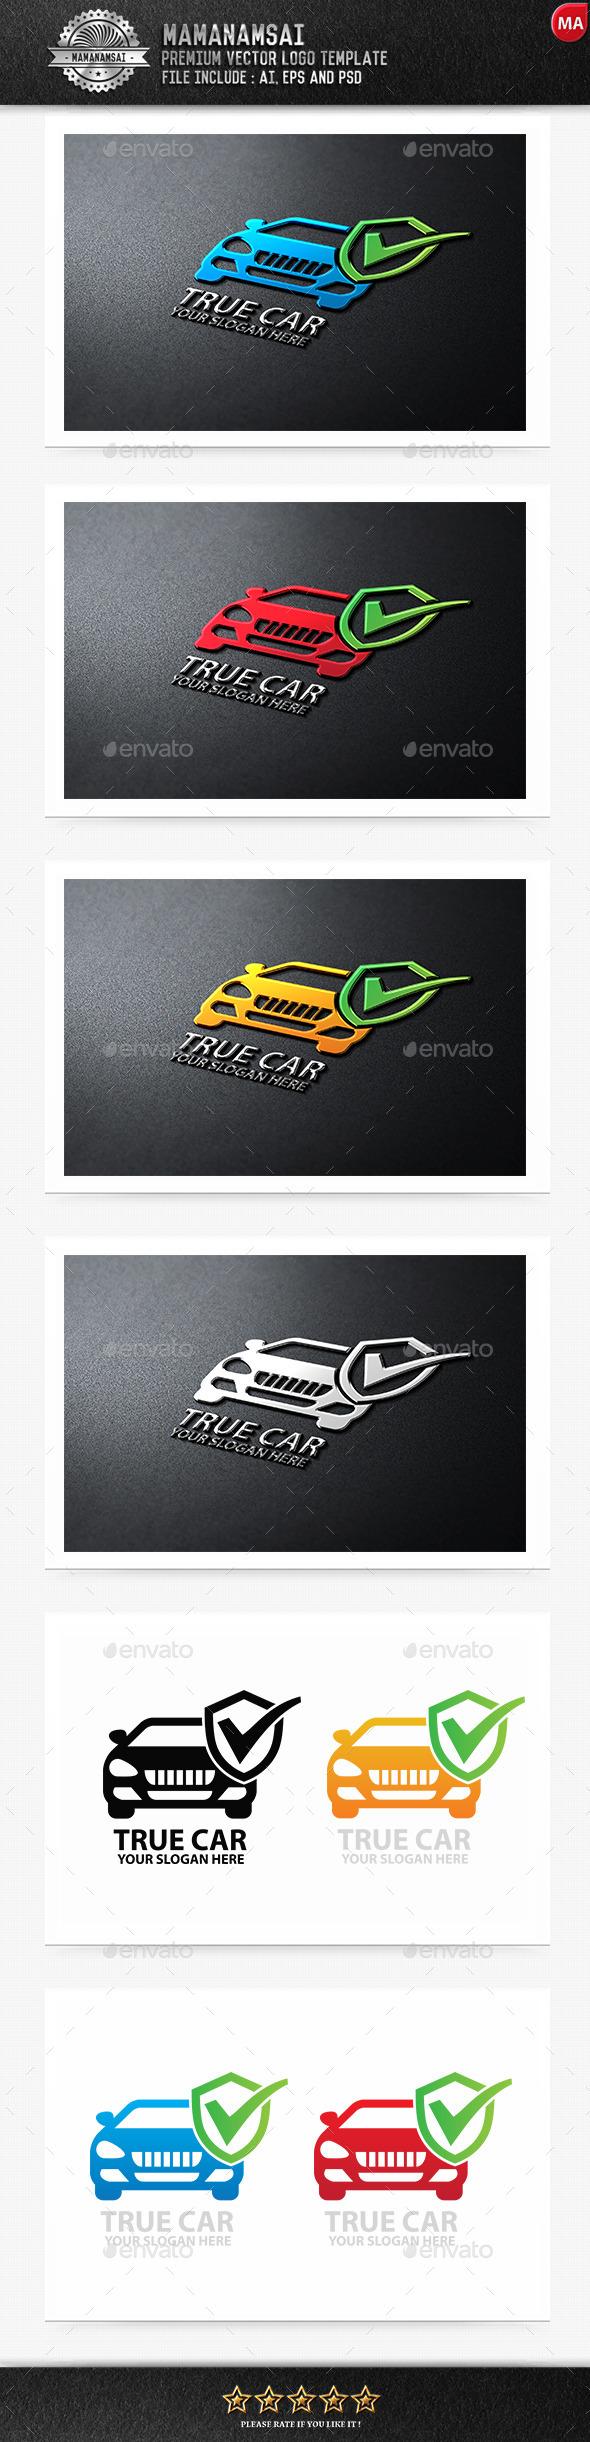 GraphicRiver True Car Logo 9575715